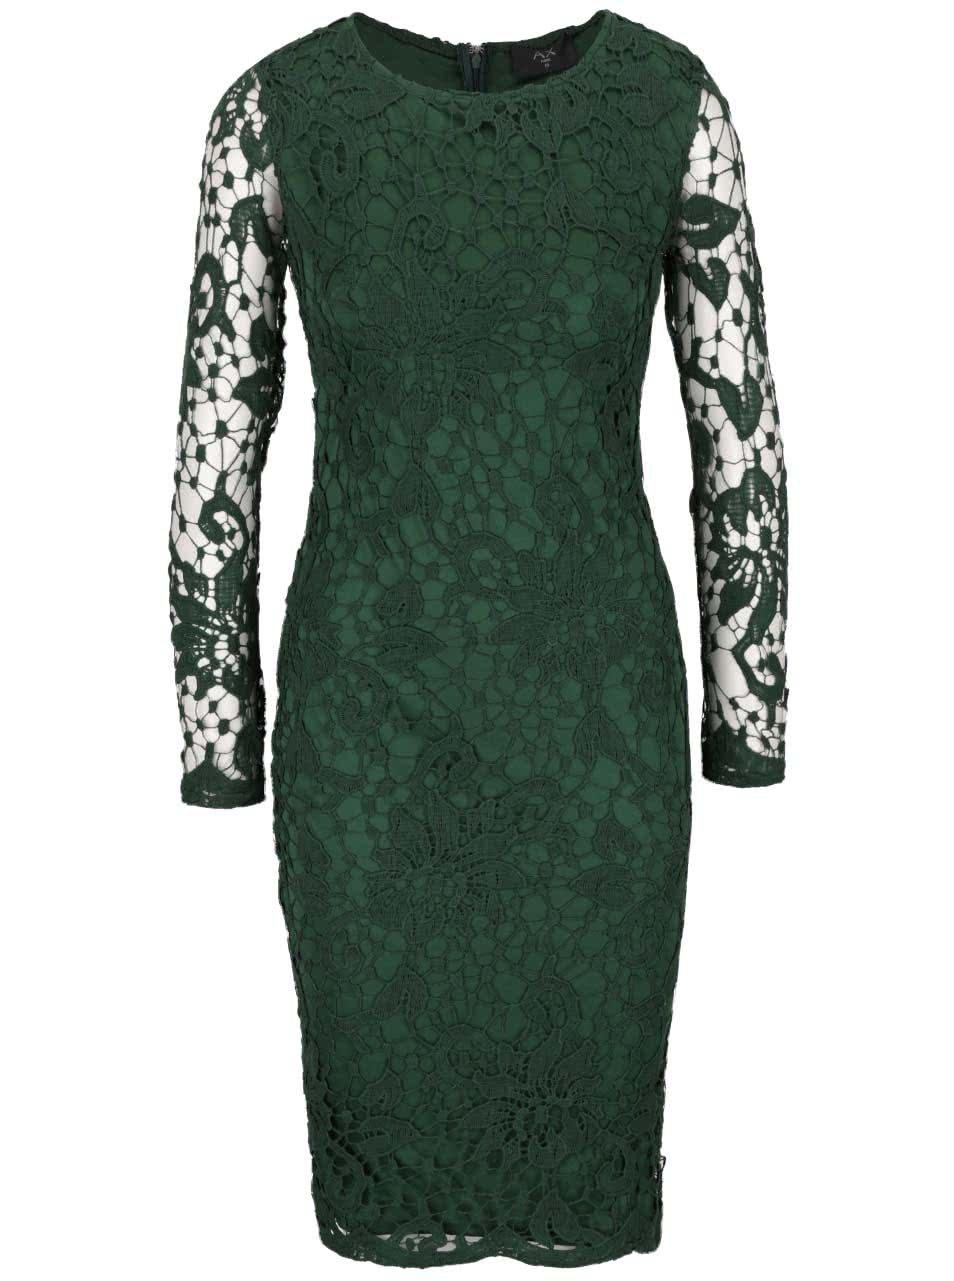 8fda44e8c673 Zelené krajkové šaty s dlouhým rukávem AX Paris ...